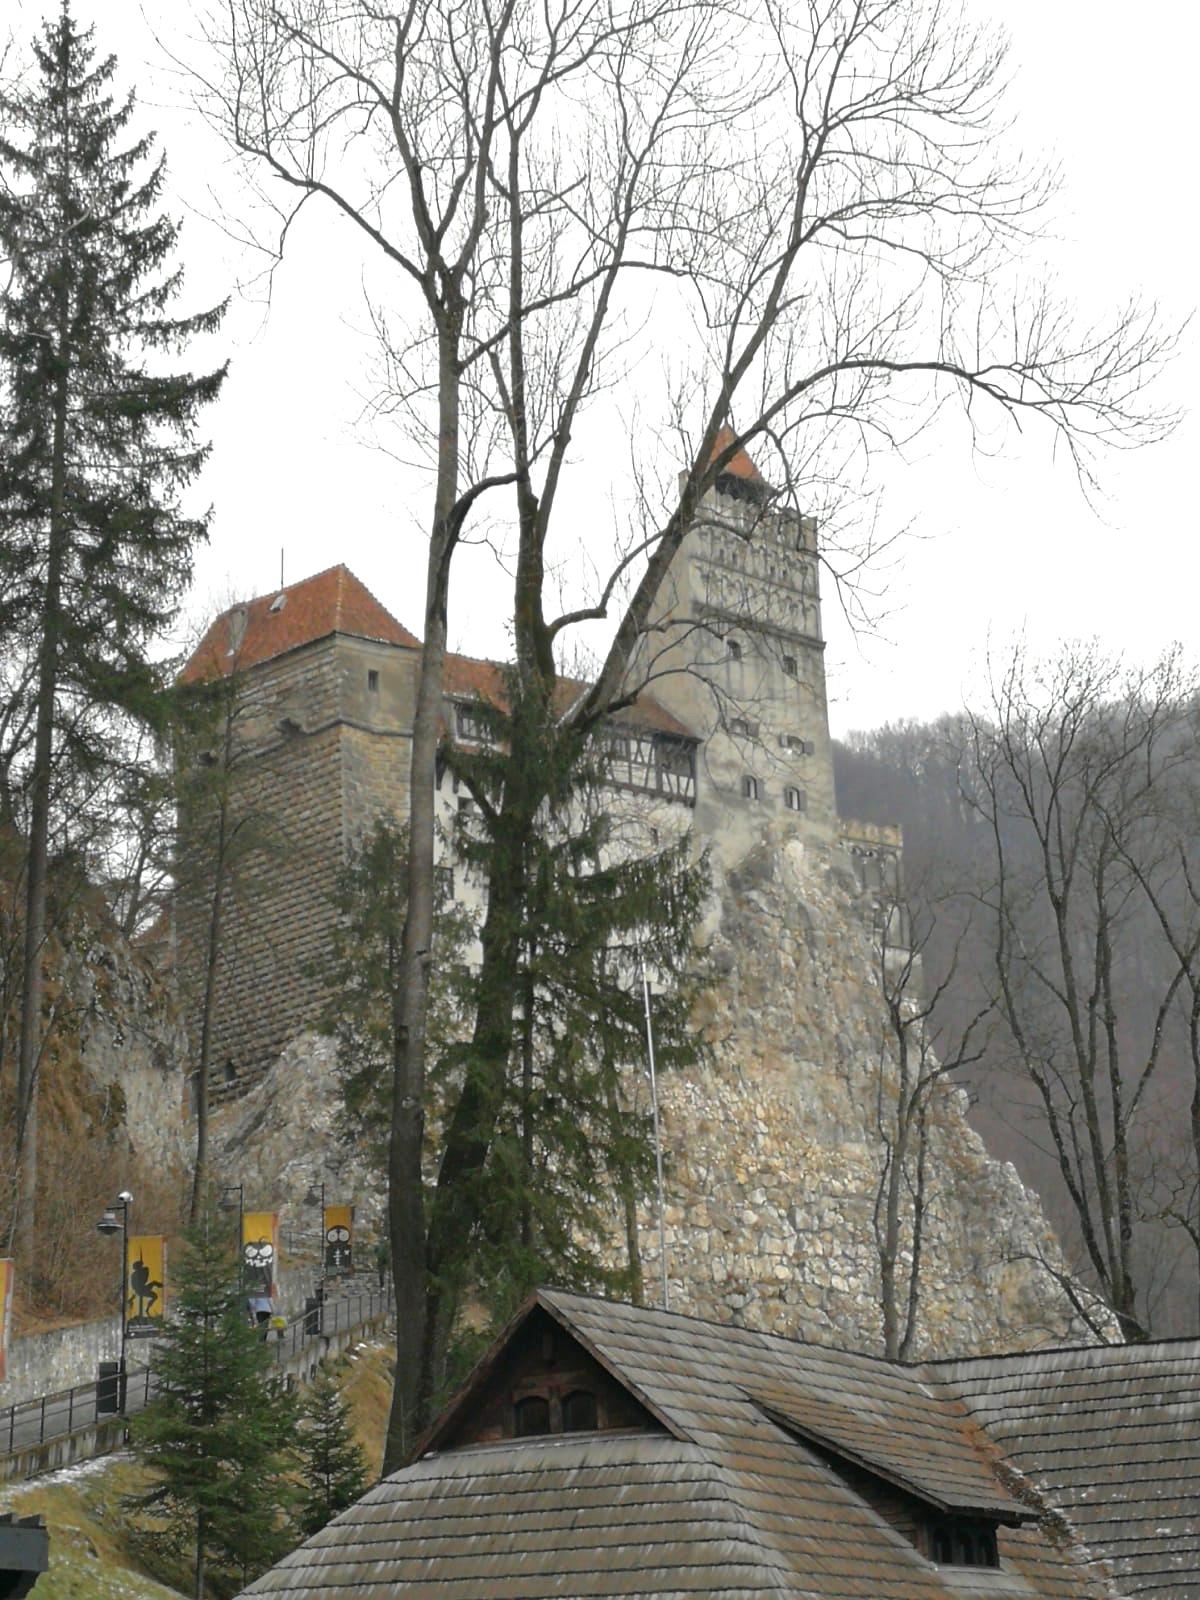 Замок Бран. Автор фотографии Туре Анастасия